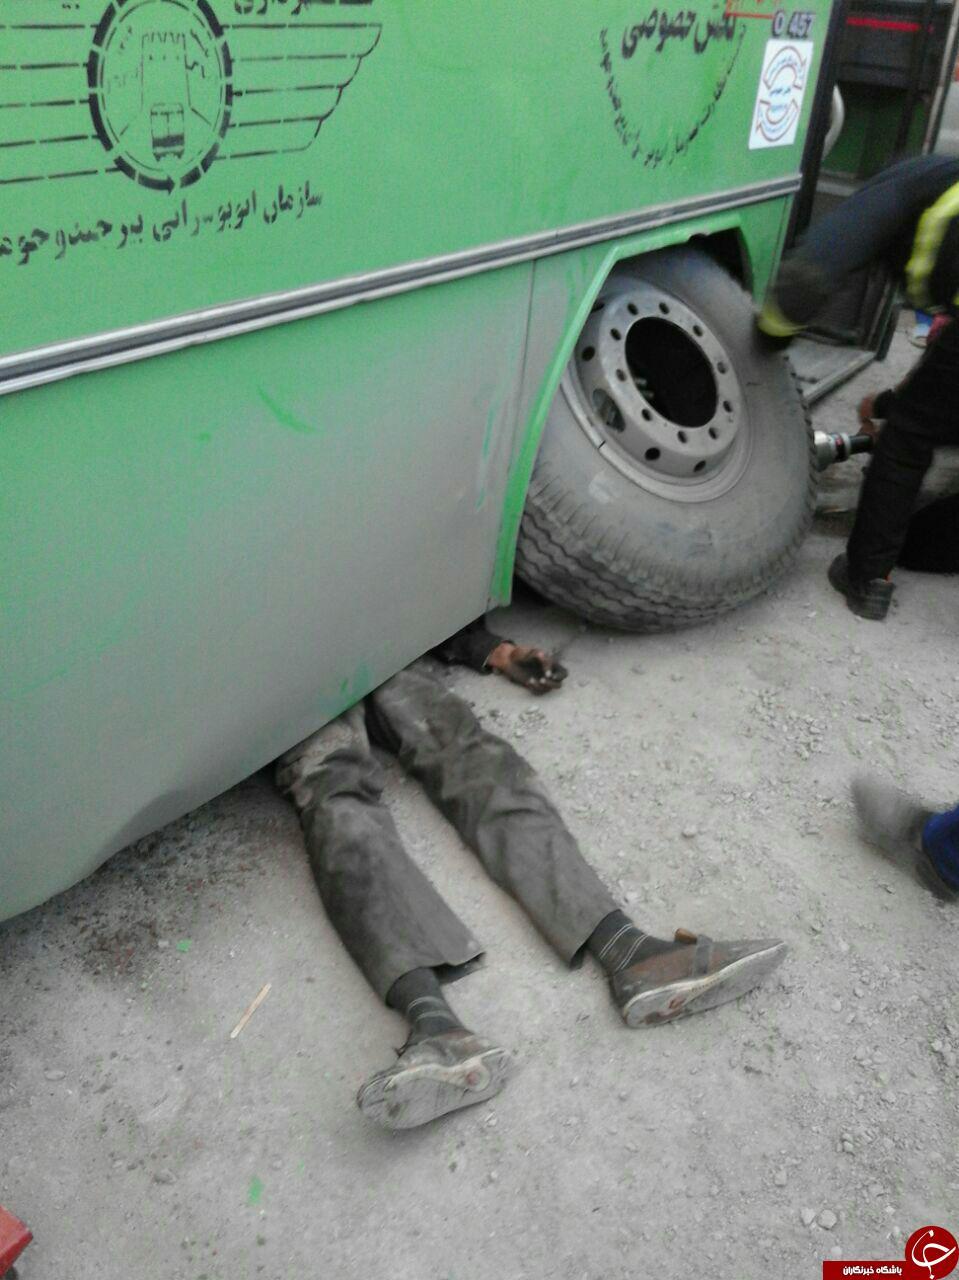 اتوبوسی که روی تعمیر کار آوار شد + فیلم و تصاویر